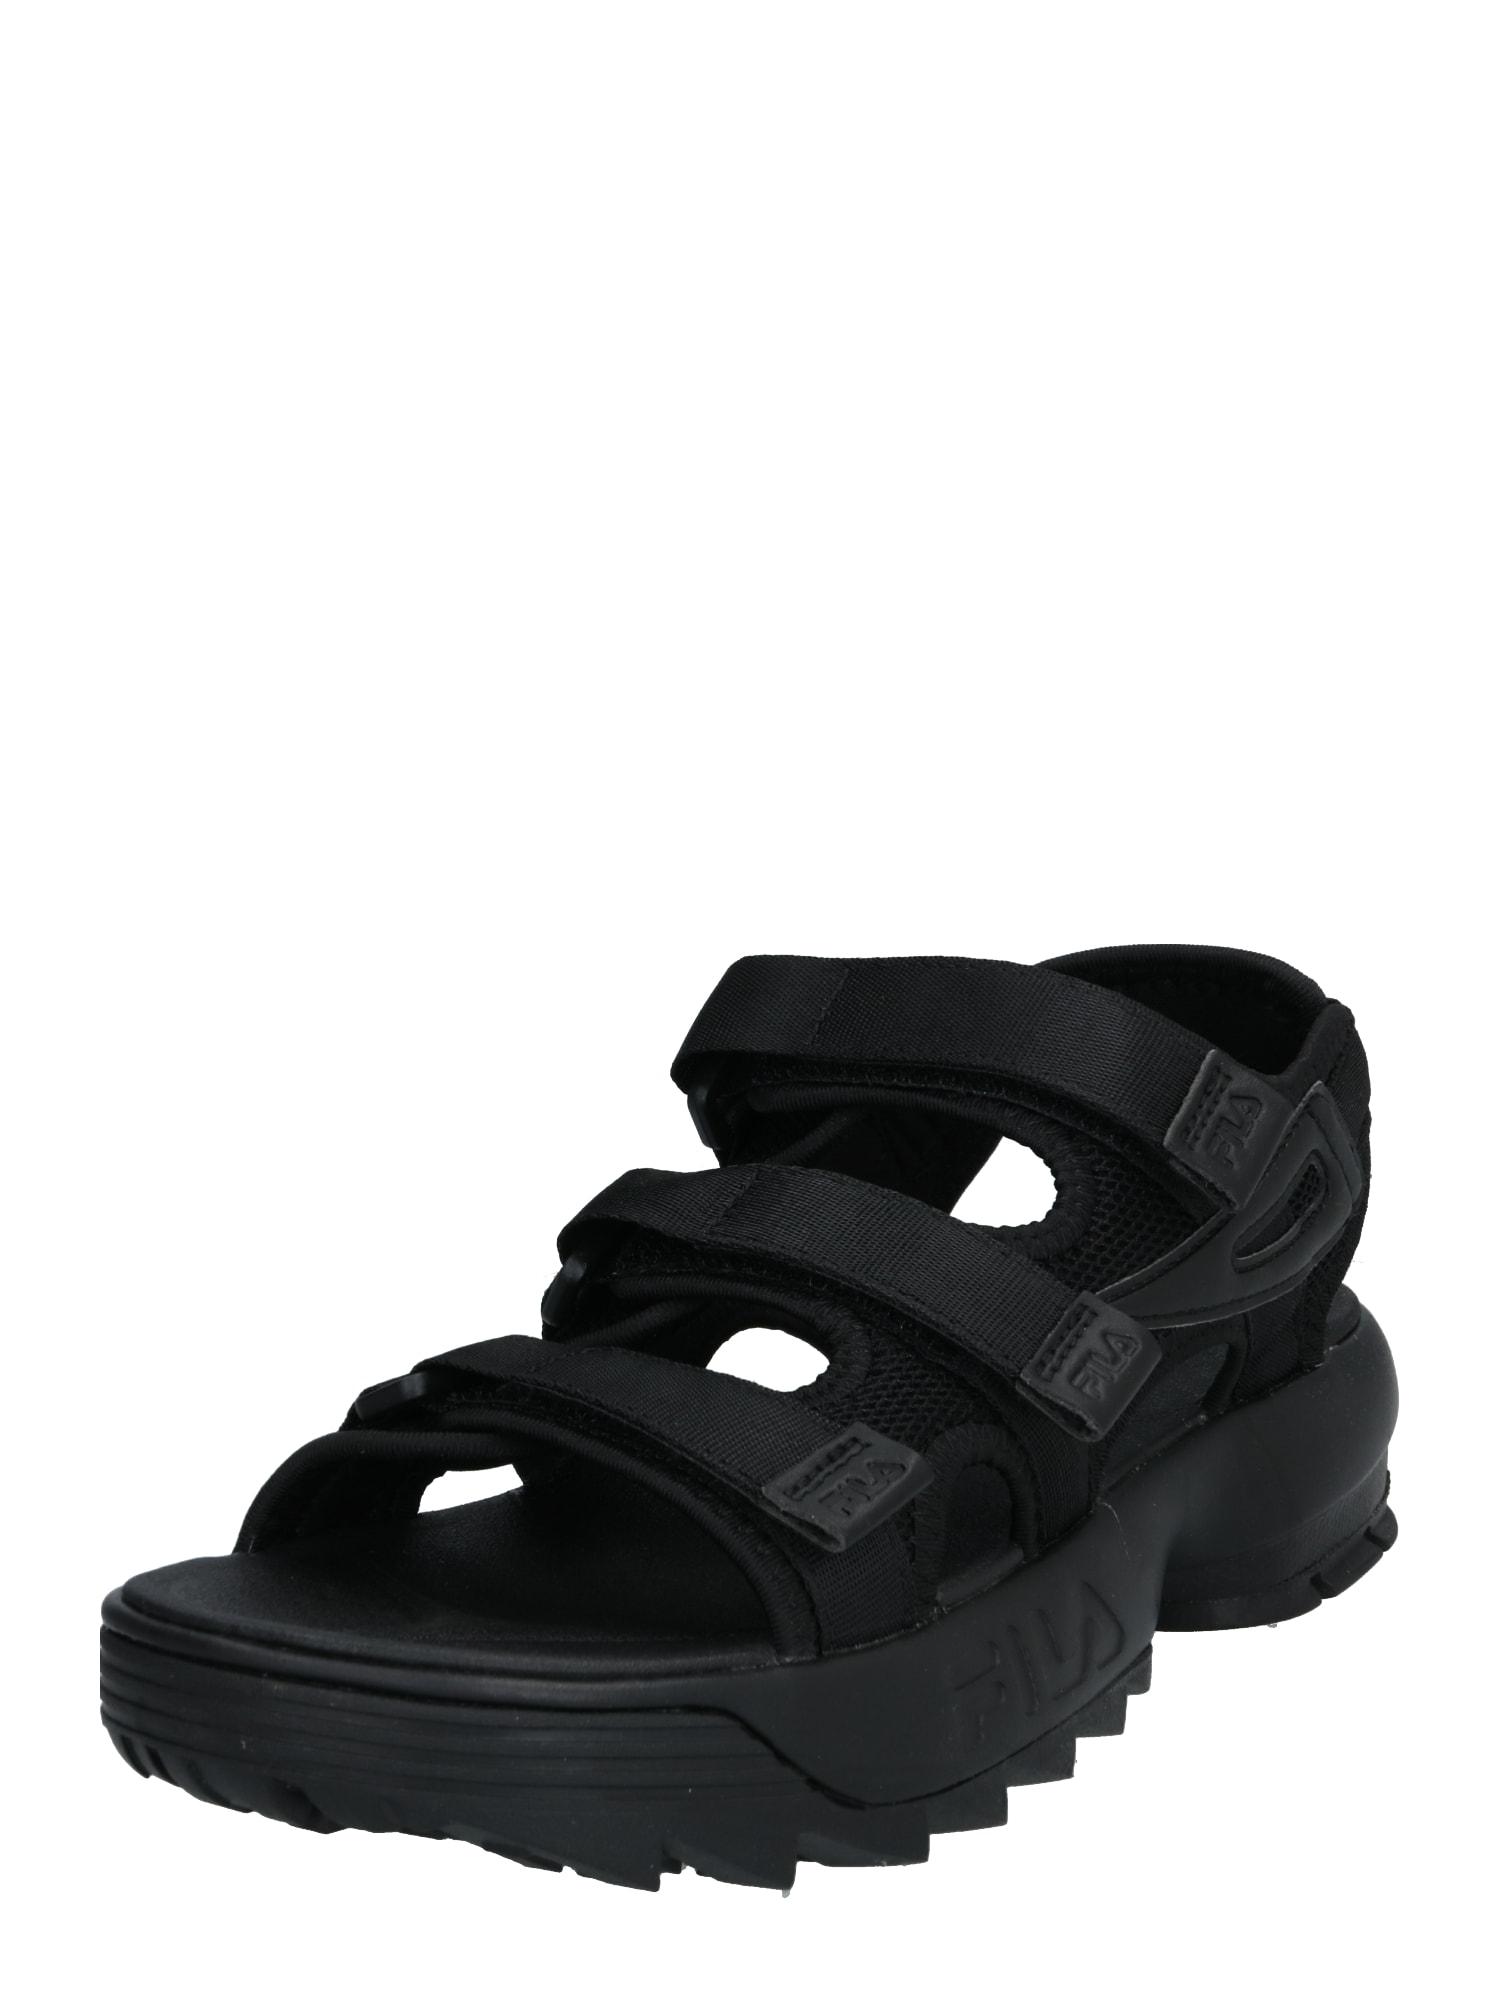 FILA Sportinio tipo sandalai 'Heritage' juoda